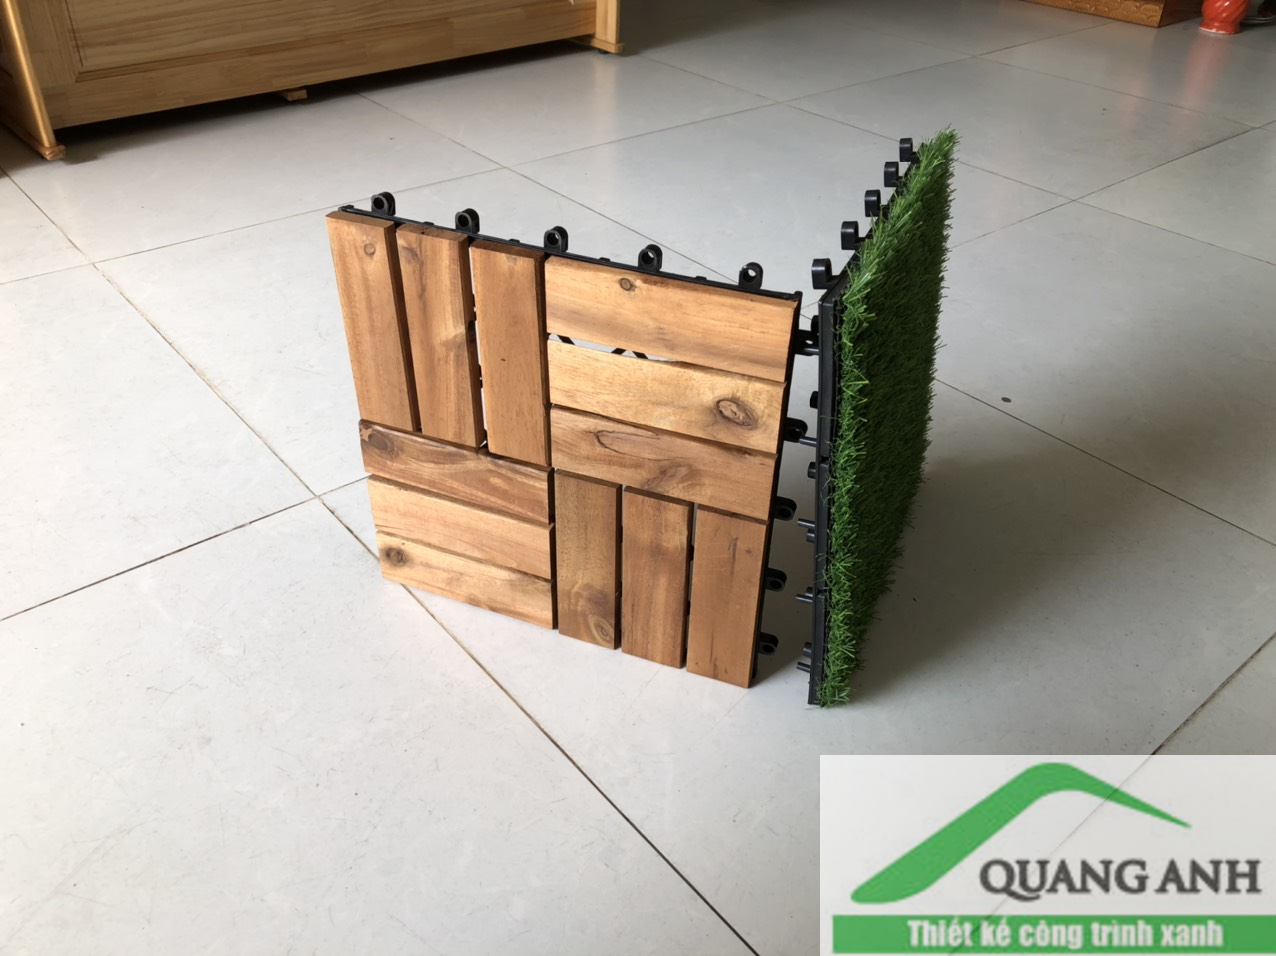 7 lý do khiến khách hàng yêu thích tấm lót sàn gỗ của Quang Anh HCM